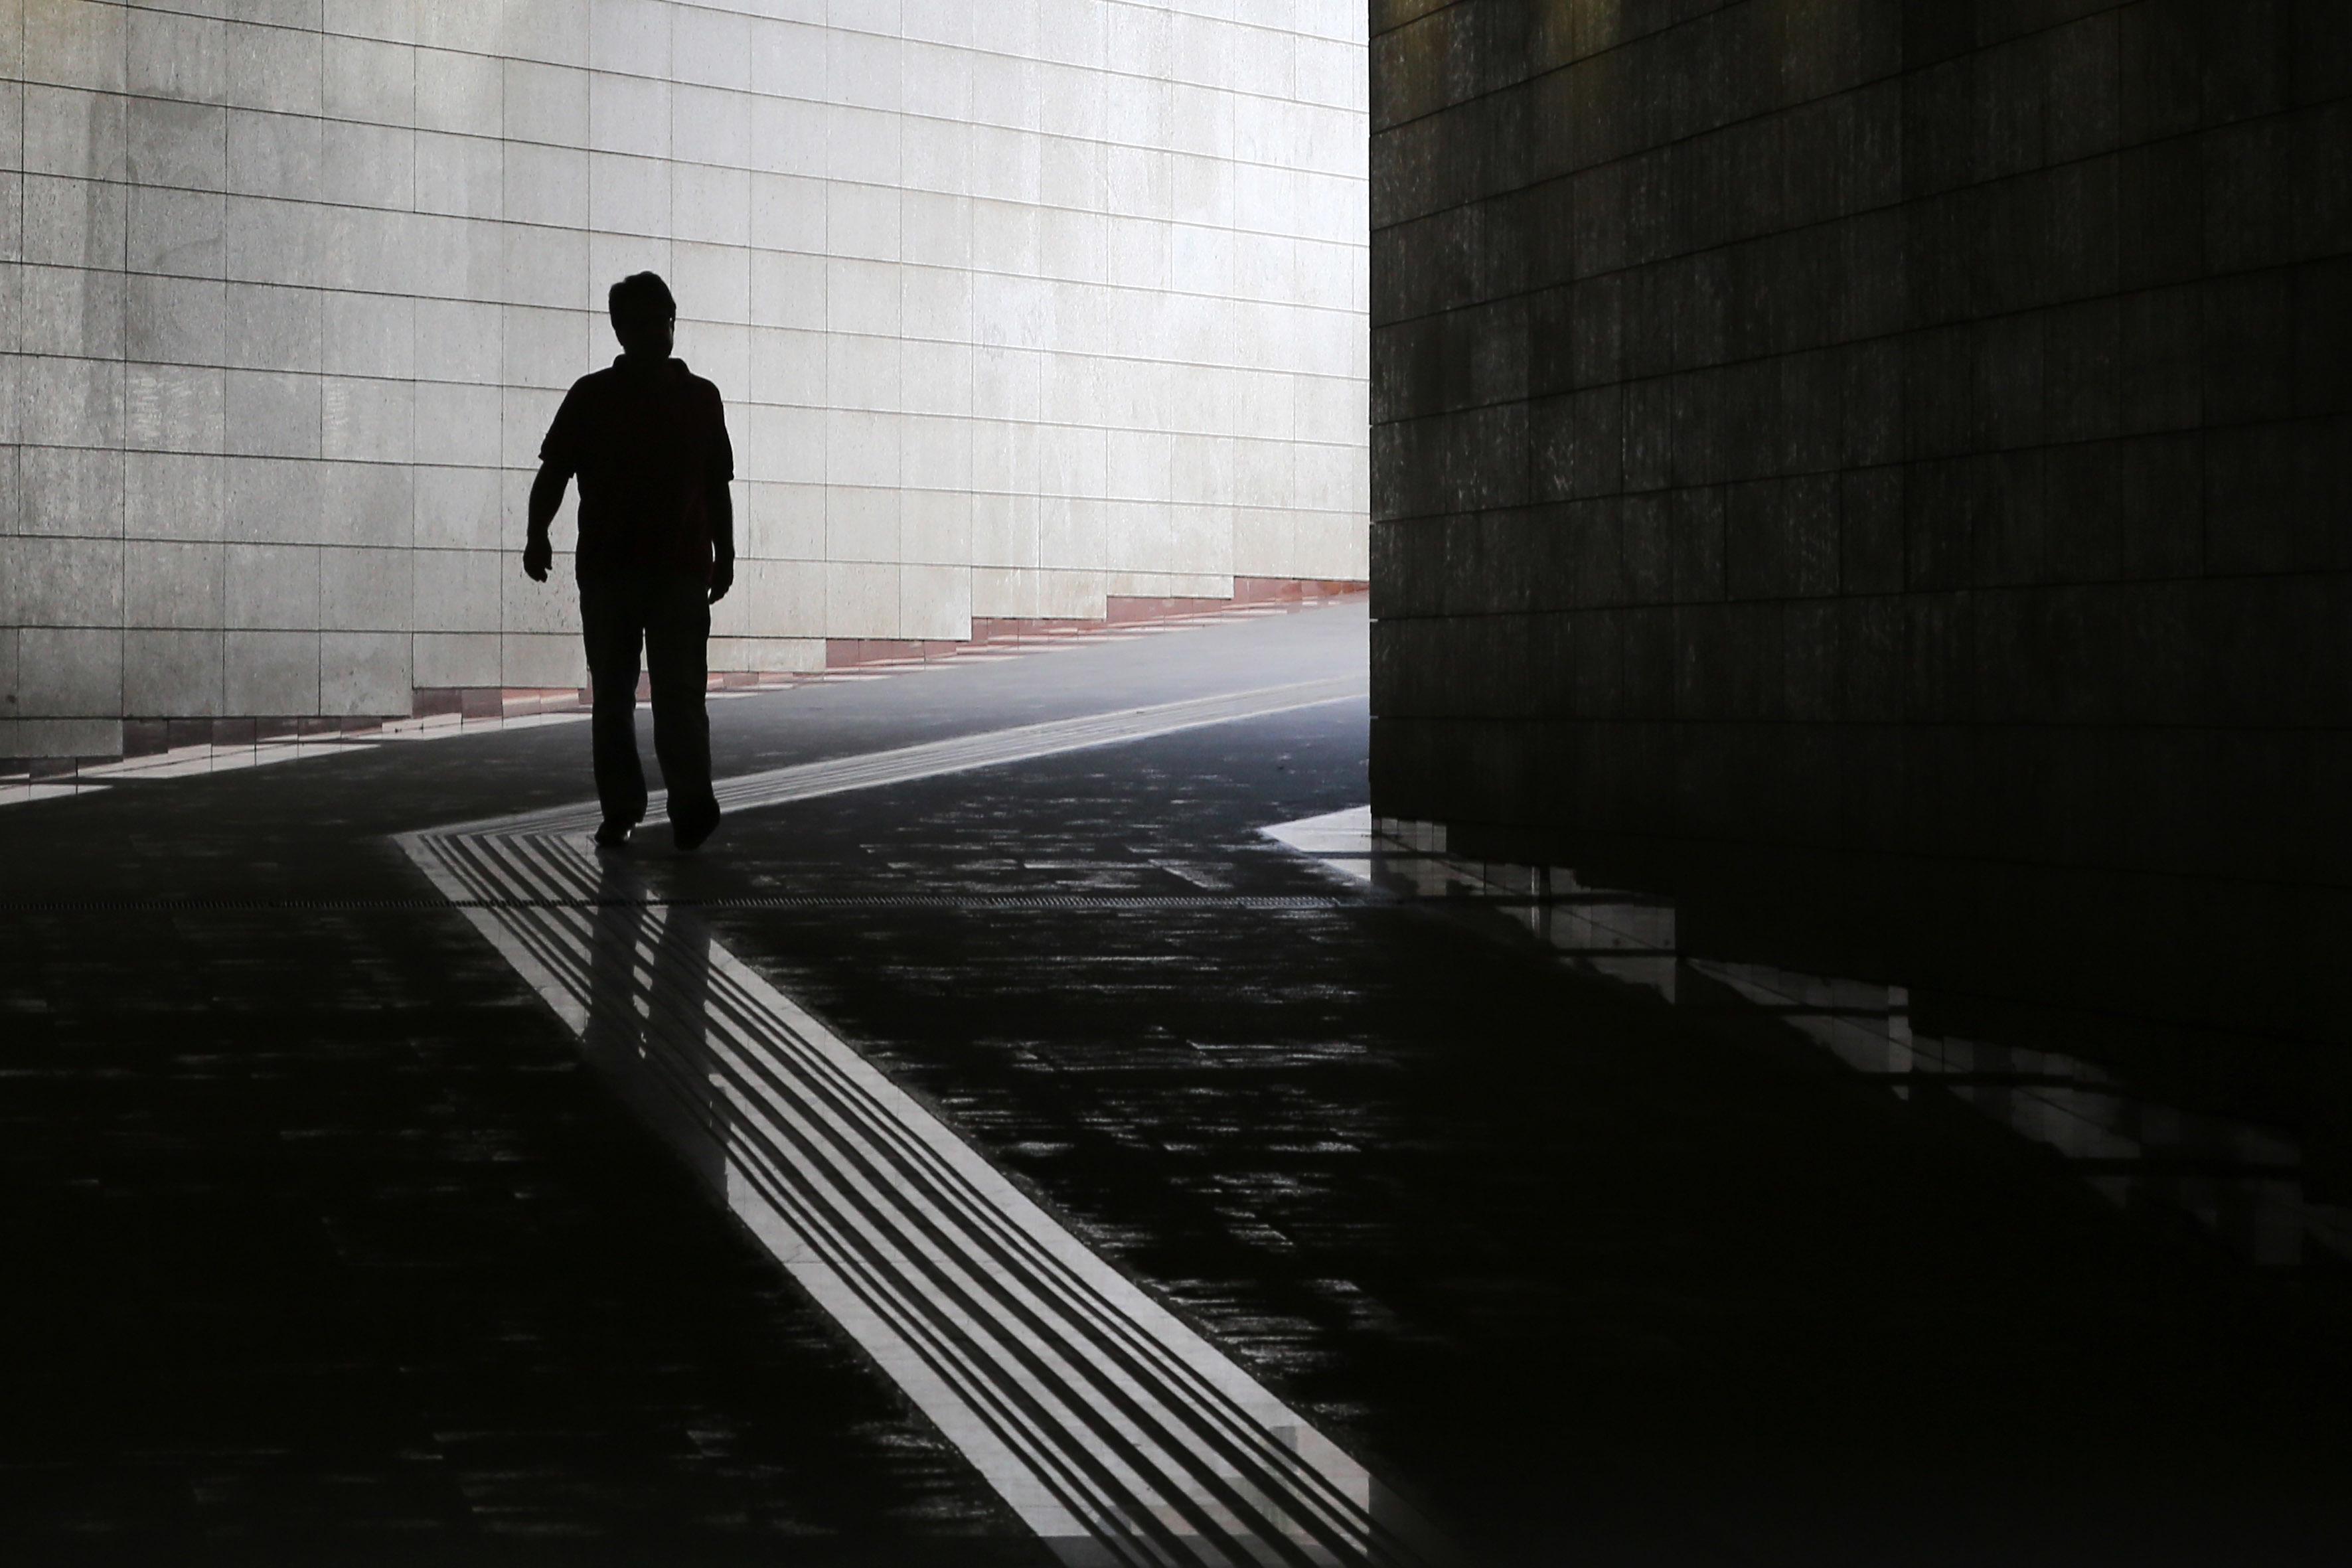 """Τα 20 μέτρα που θα αλλάξουν προς το χειρότερο την καθημερινότητά μας – Όλα όσα έχουν """"κλειδώσει"""""""